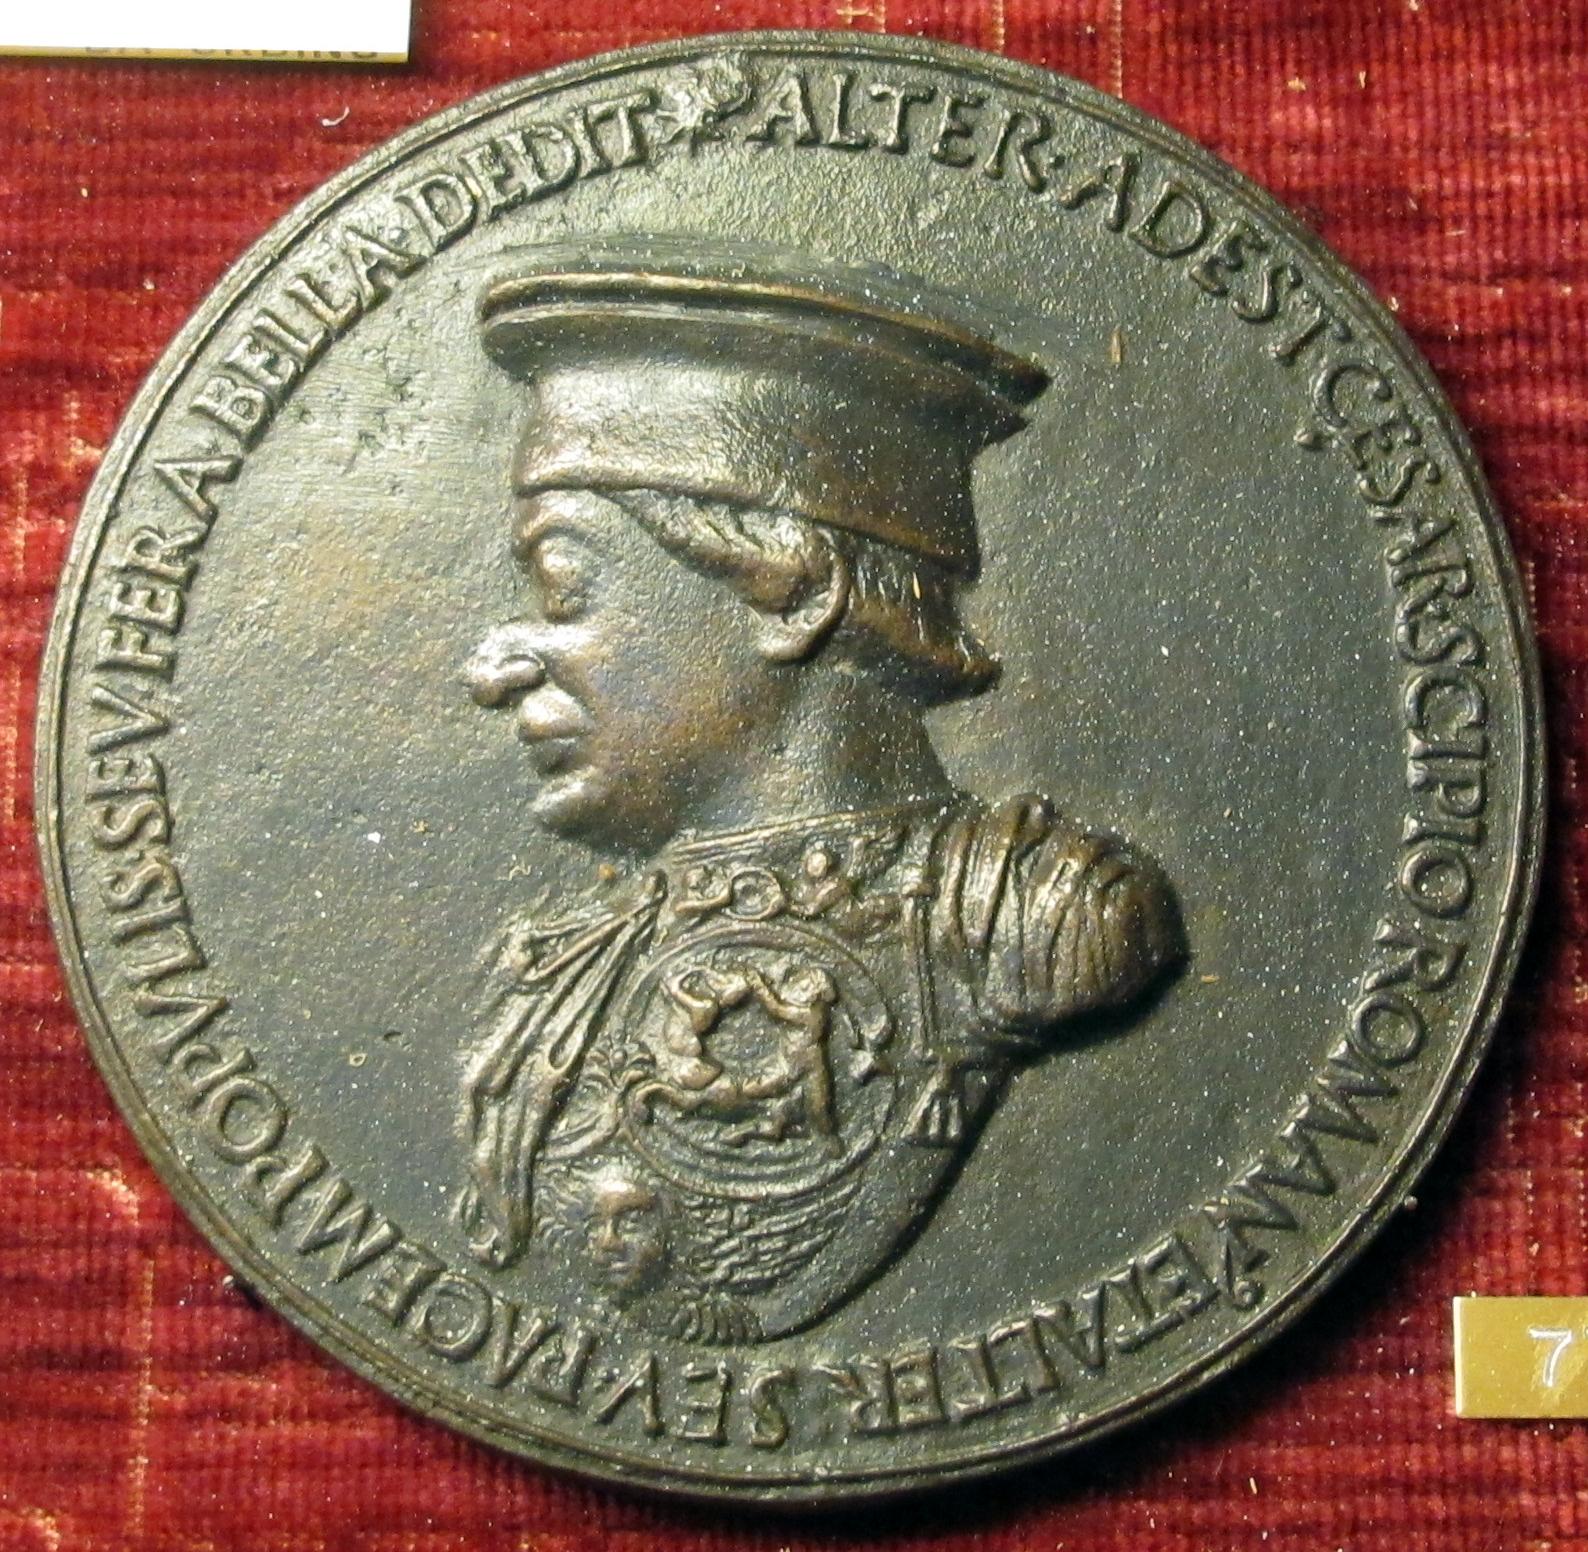 File:Clemente da urbino, medaglia di federico da montefeltro, 1468.JPG